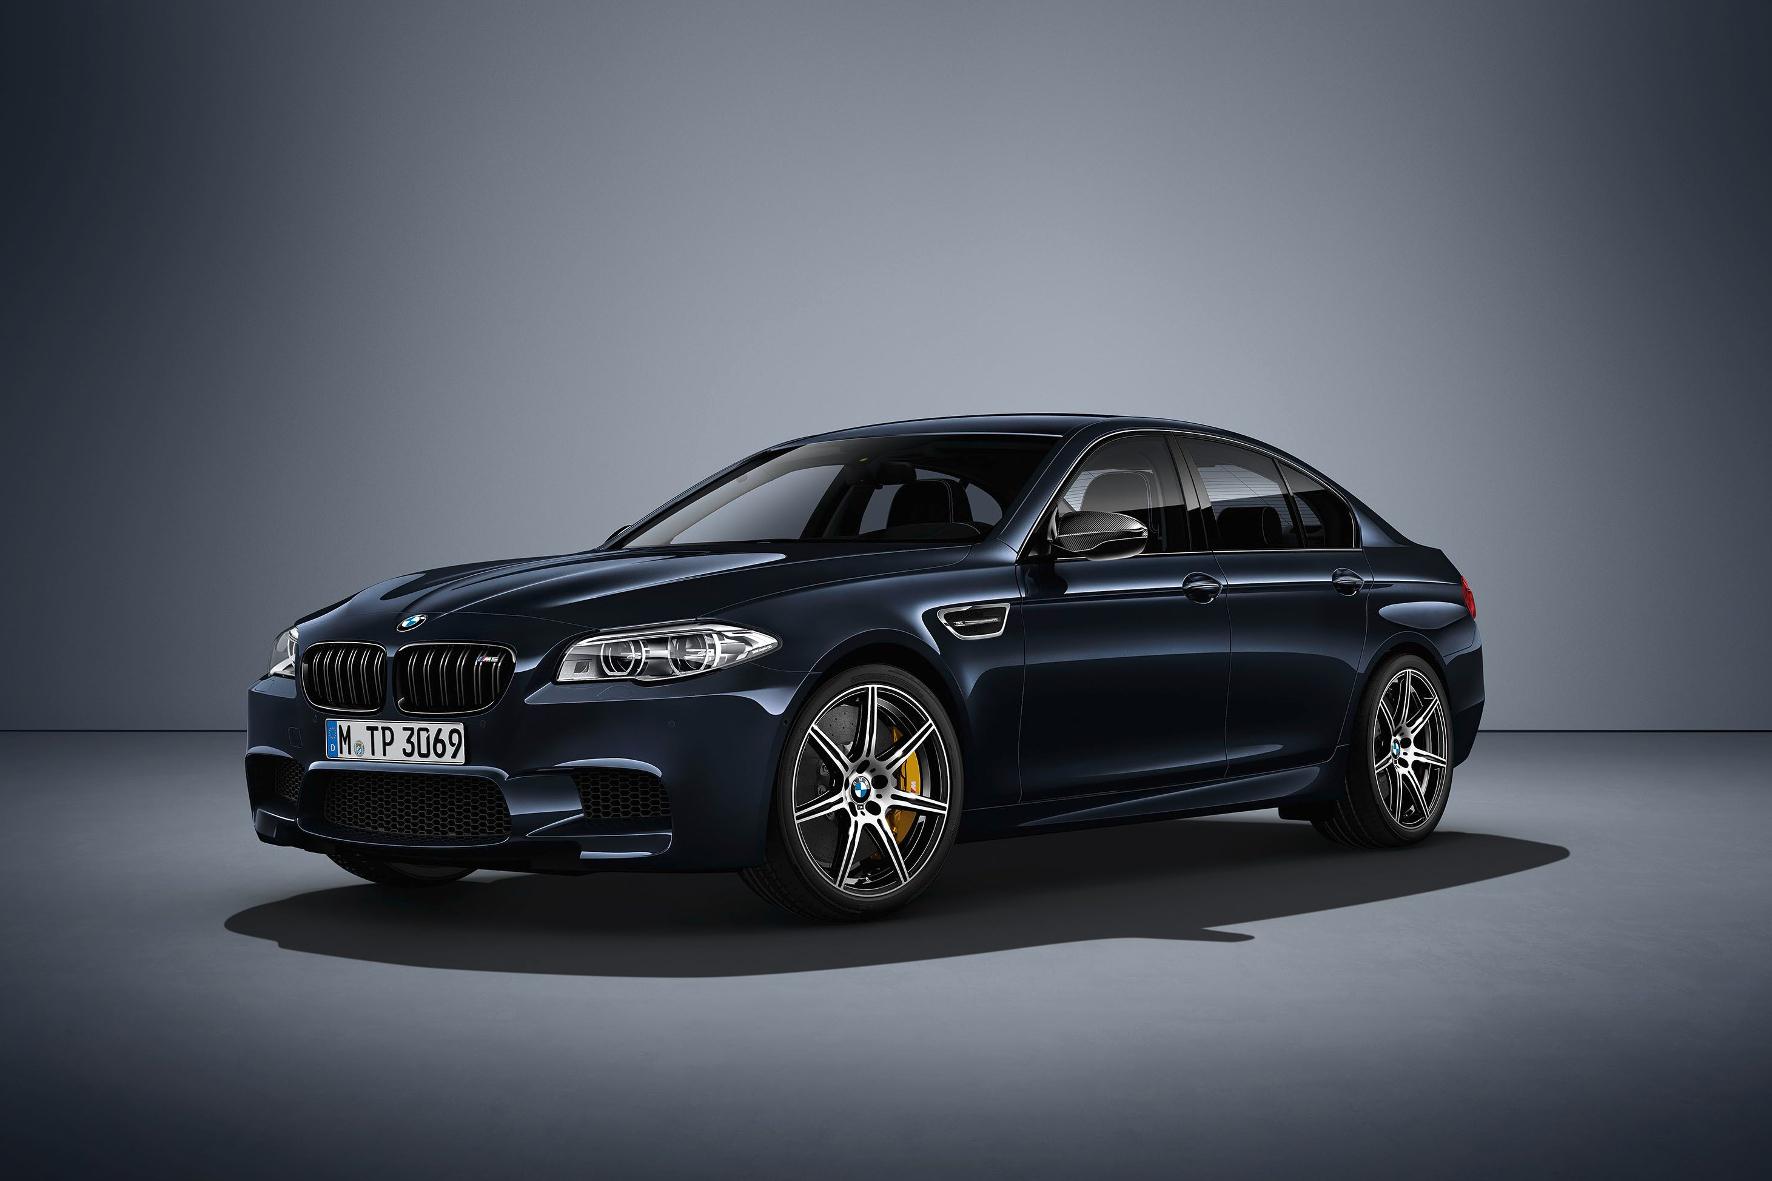 """mid Groß-Gerau - 100 Exemplare der auf 200 Stück limitierten BMW M5 """"Competition Edition"""" sind in Carbonschwarz metallic lackiert."""